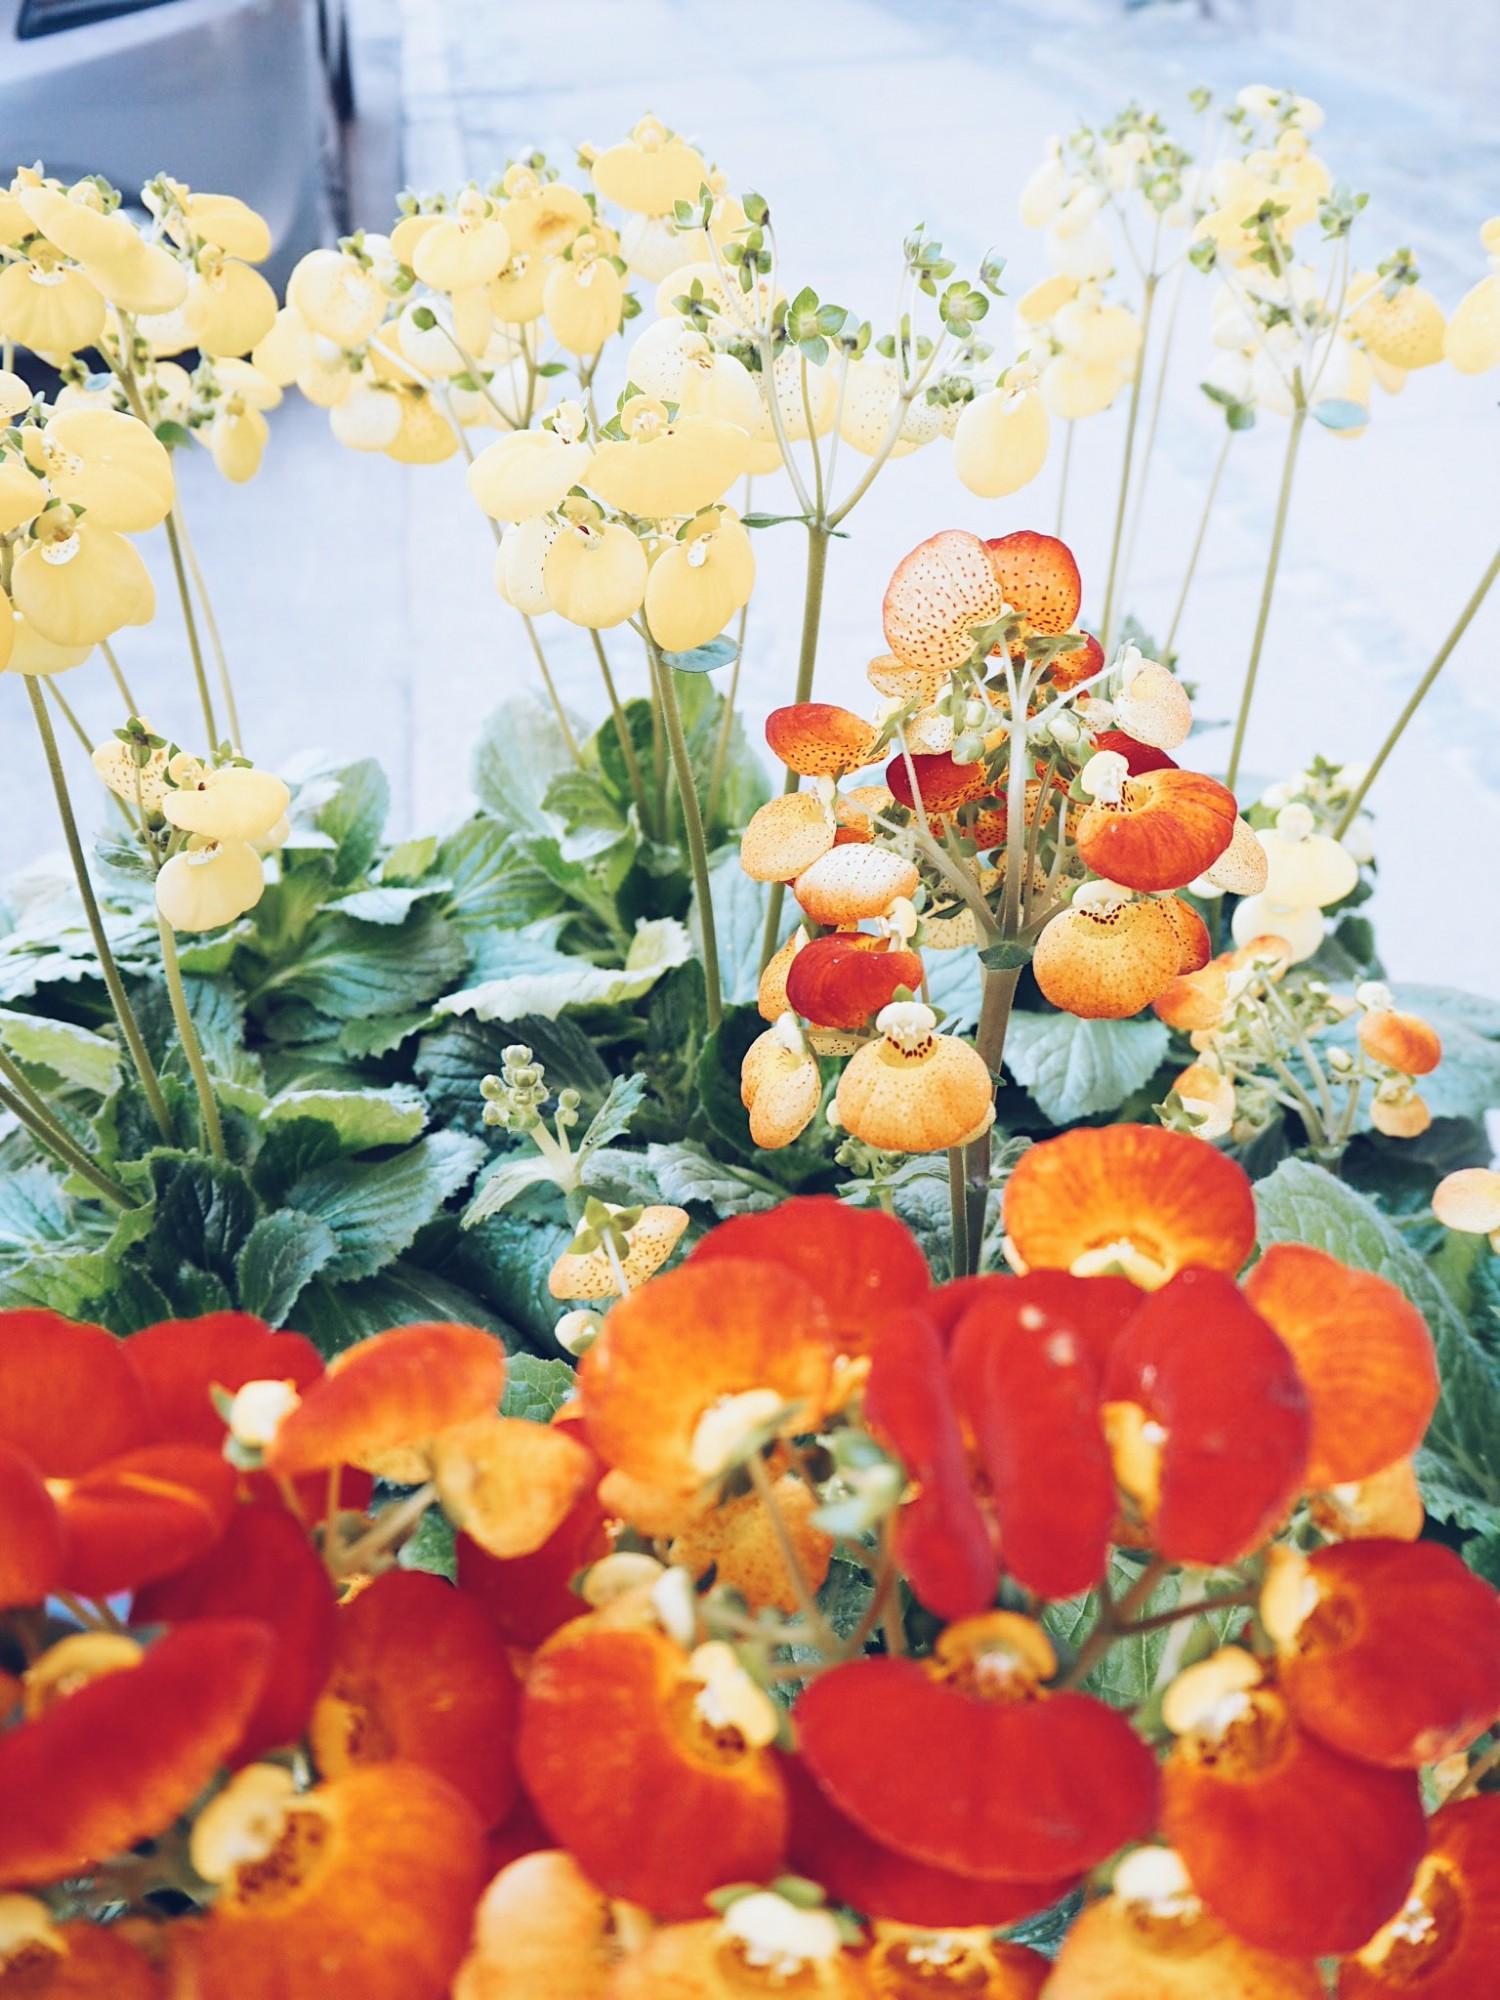 blomster Den gode uge fyldt med kærlighed nelle noell positiv uge